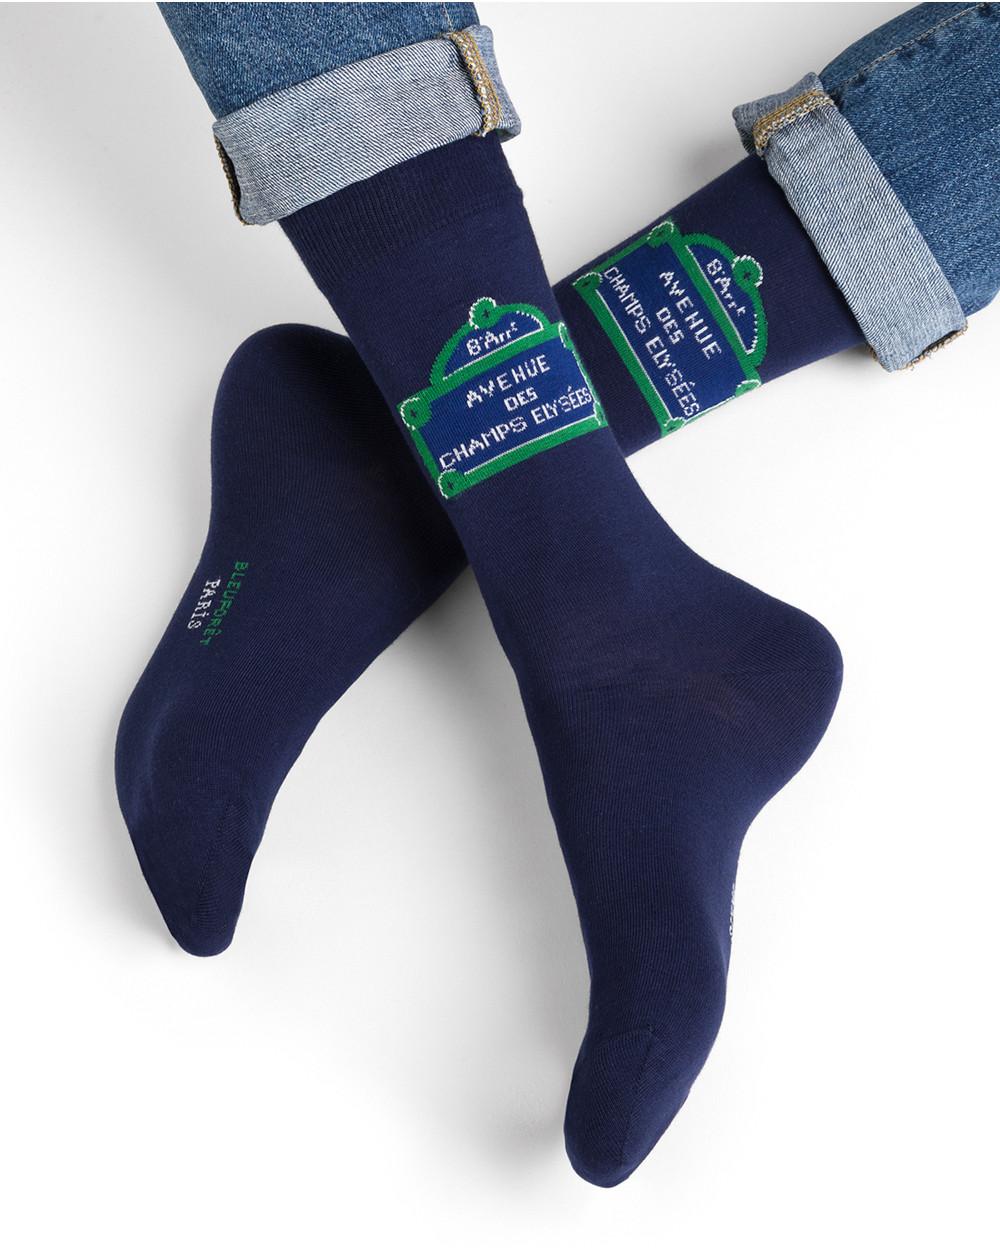 Chaussettes coton motif Paris Champs Élysées